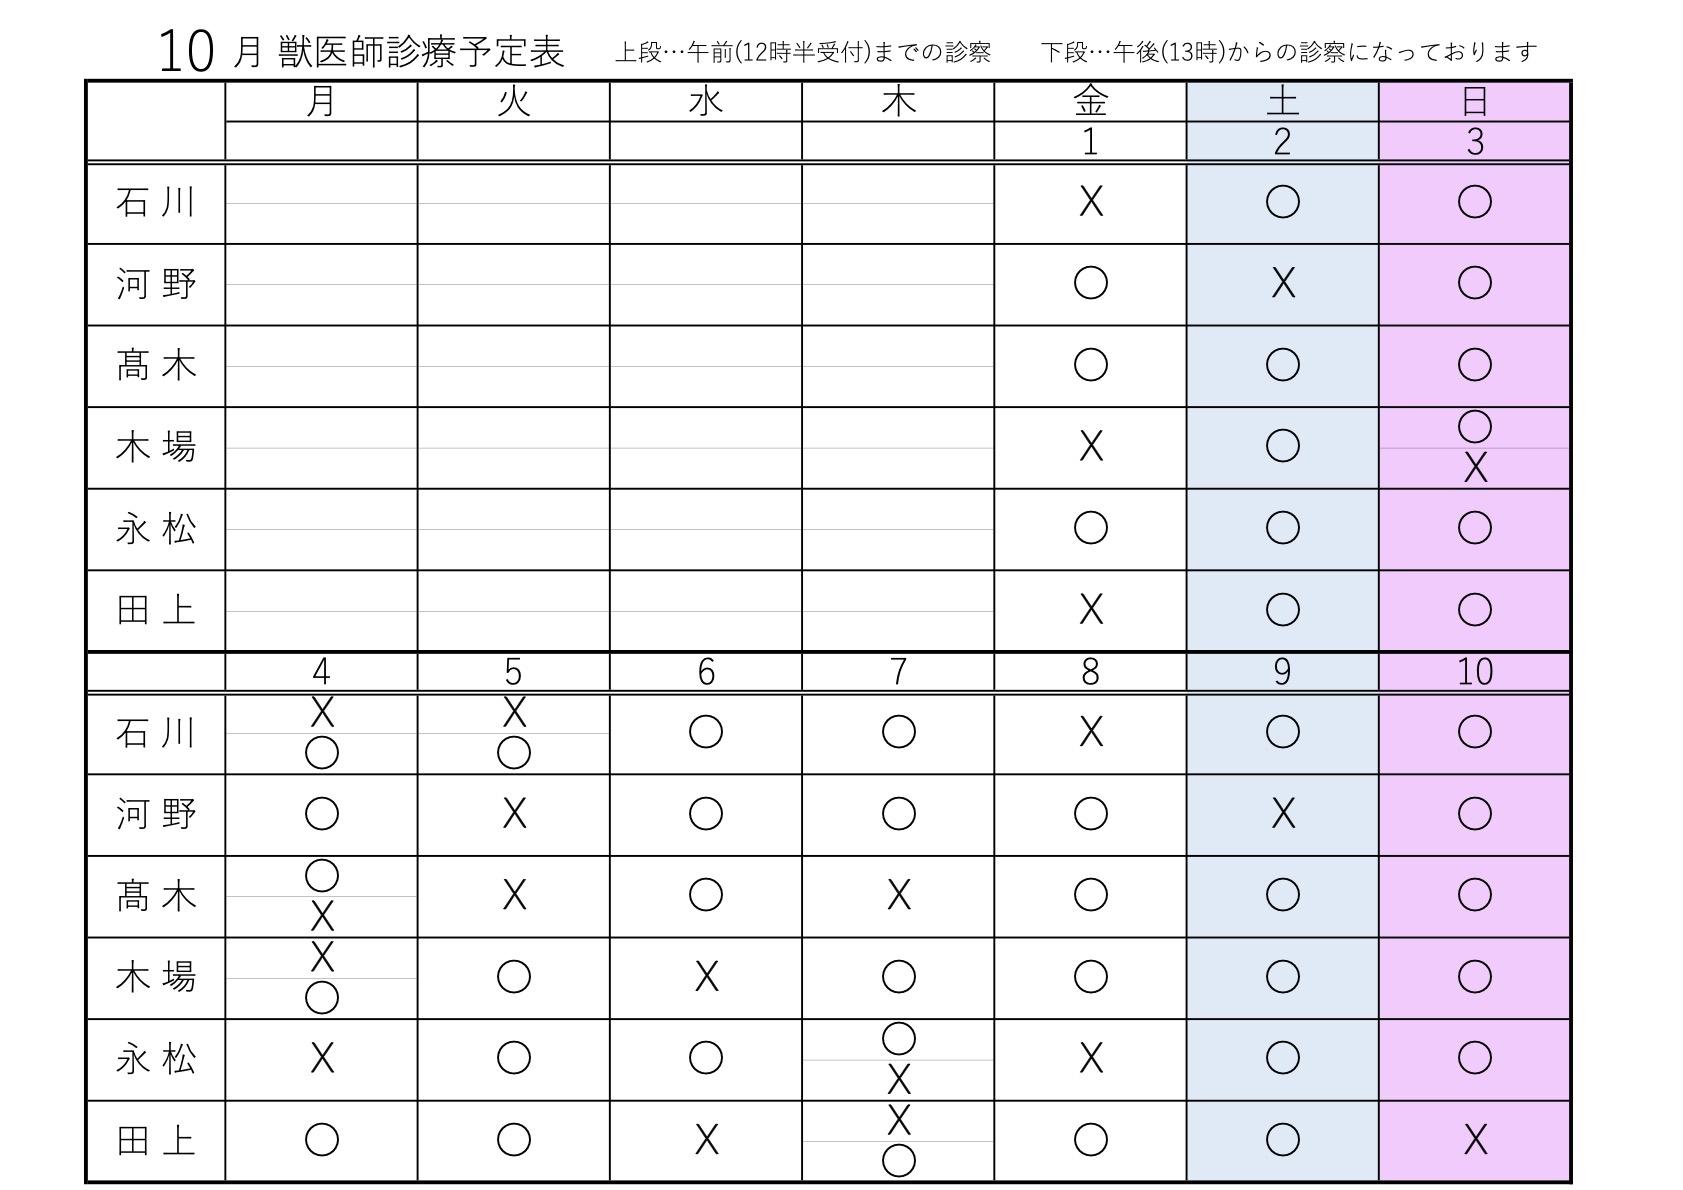 10月1〜10日 獣医師診療予定表